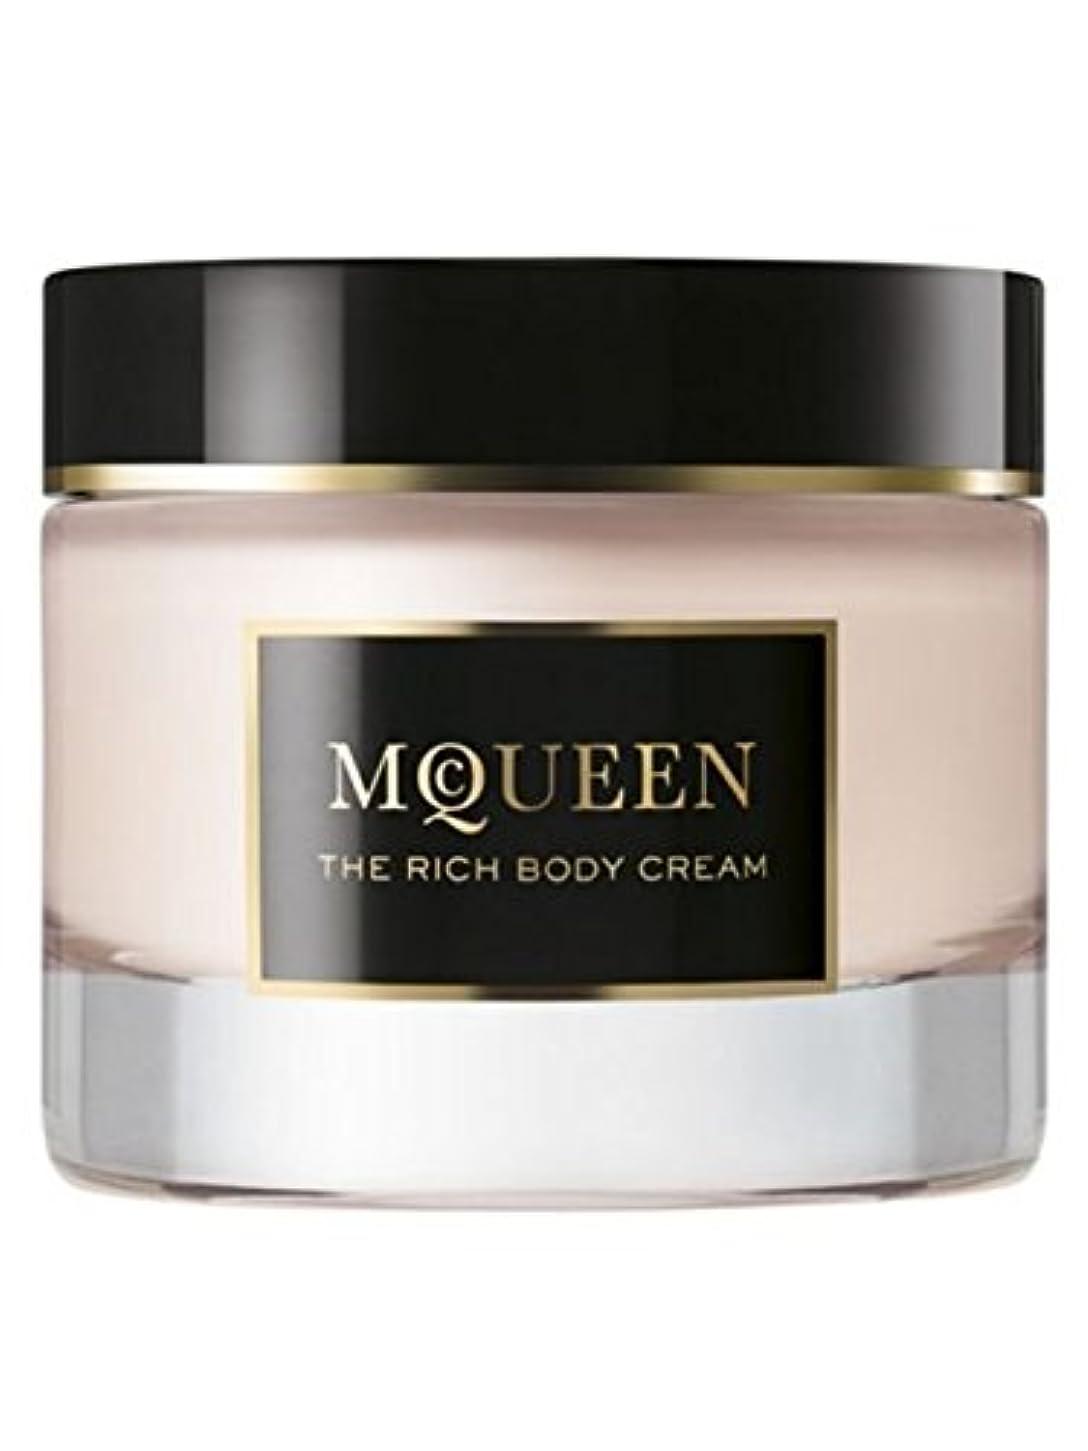 ドーム給料インフラMcQueen (マクイーン) 1.6 oz (50ml) Body Cream by Alexander McQueen for Women